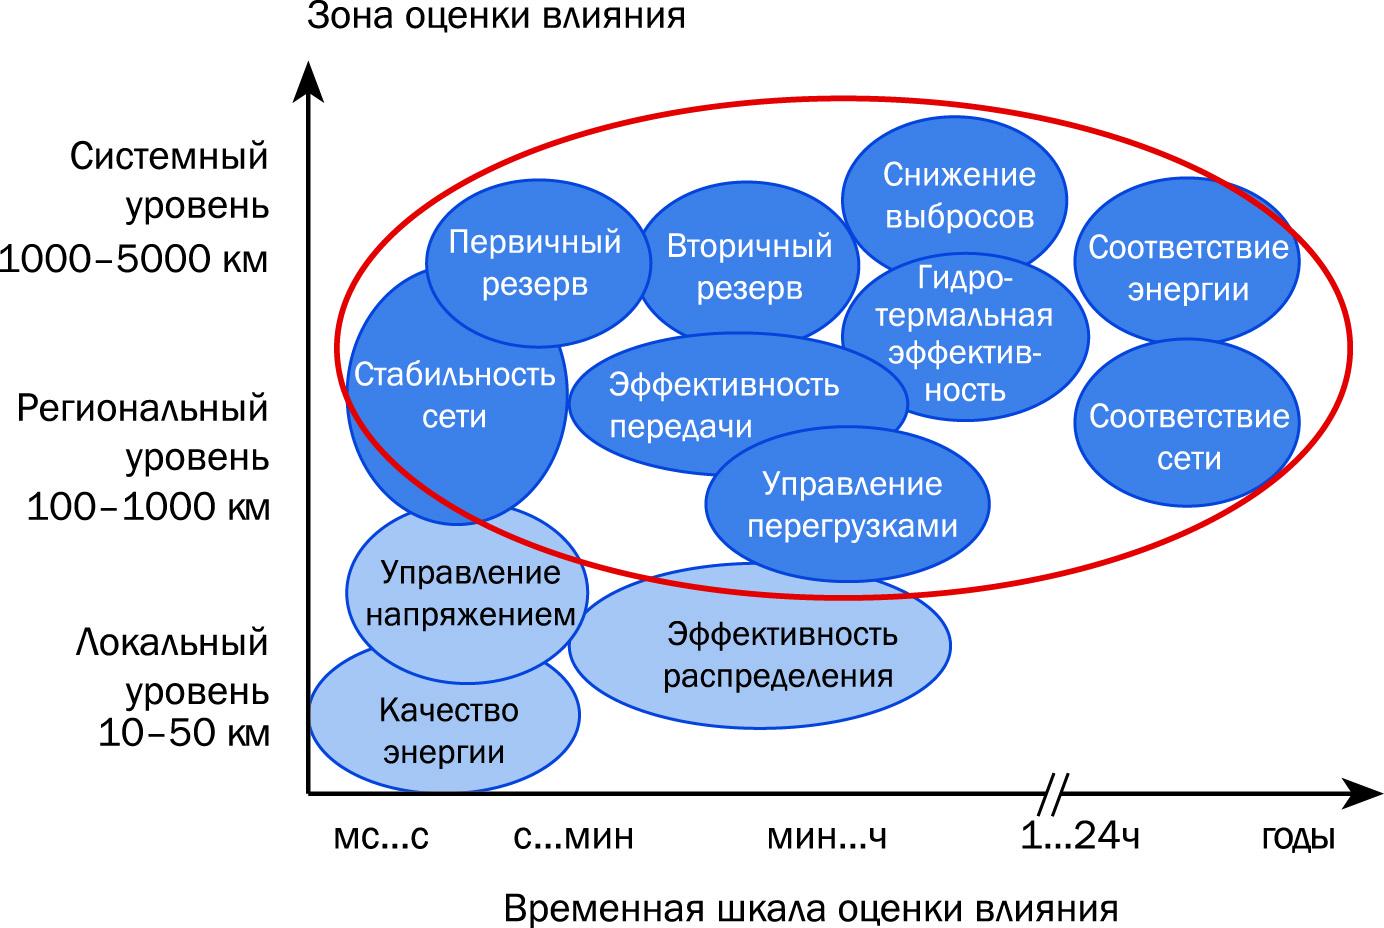 Системное влияние ветроэнергетики (факторы, находящиеся в фокусе программы Task 25, выделены красным; источник: IEA Wind Task 25, Holttinen, 2007)